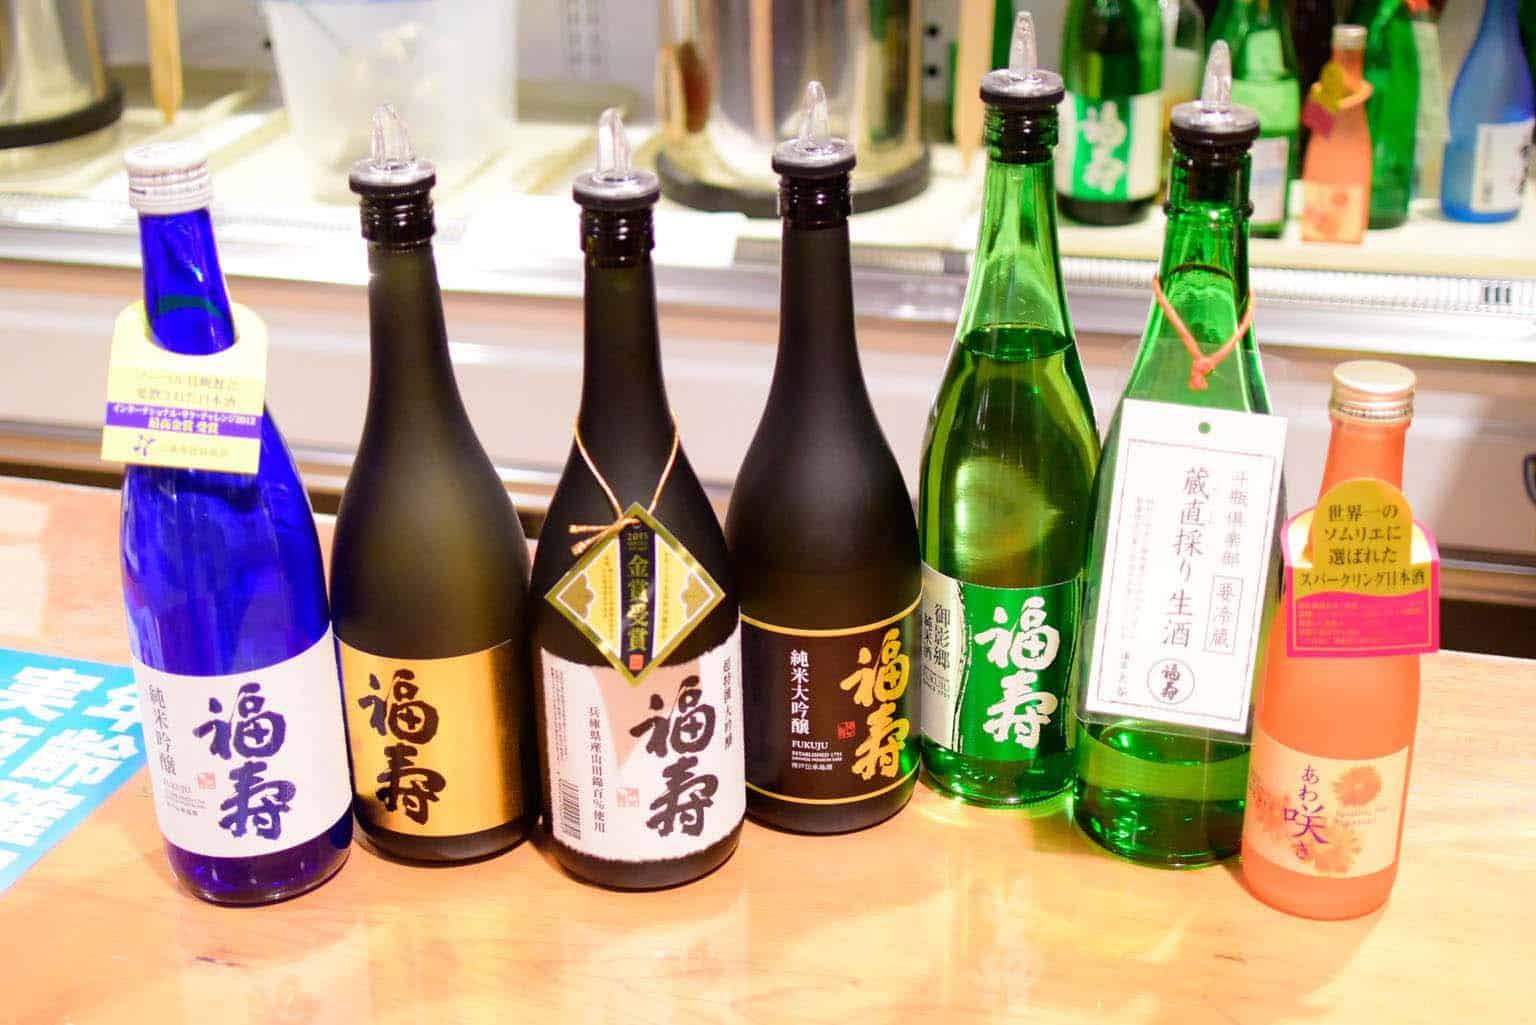 Kobe & Sake Brewery